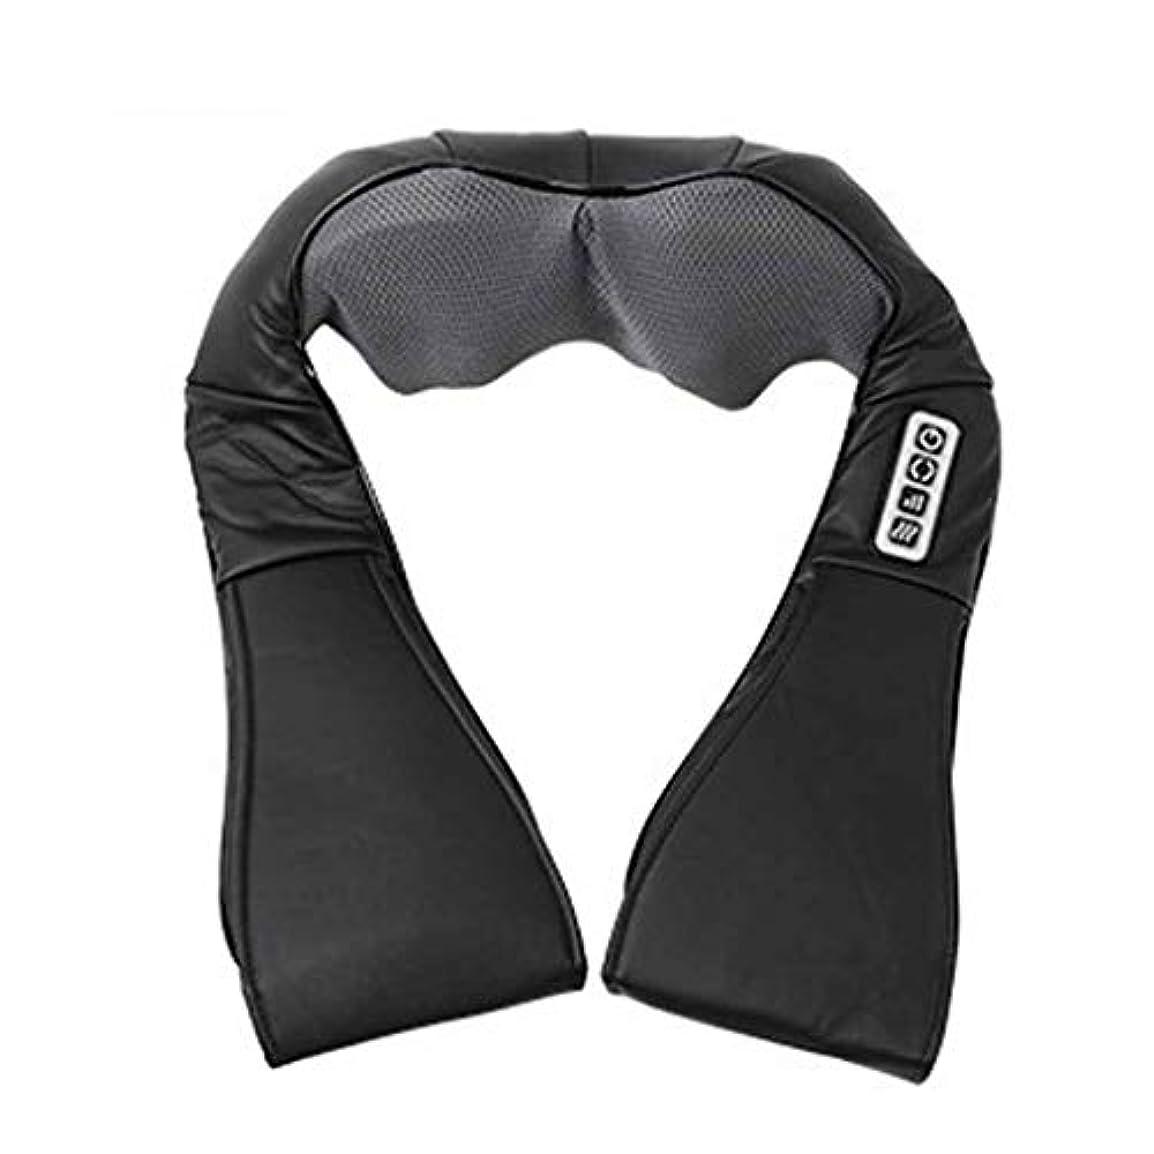 前にテスピアンフリース指圧指圧ネック、肩、背中、脚、および足のマッサージ枕、黒